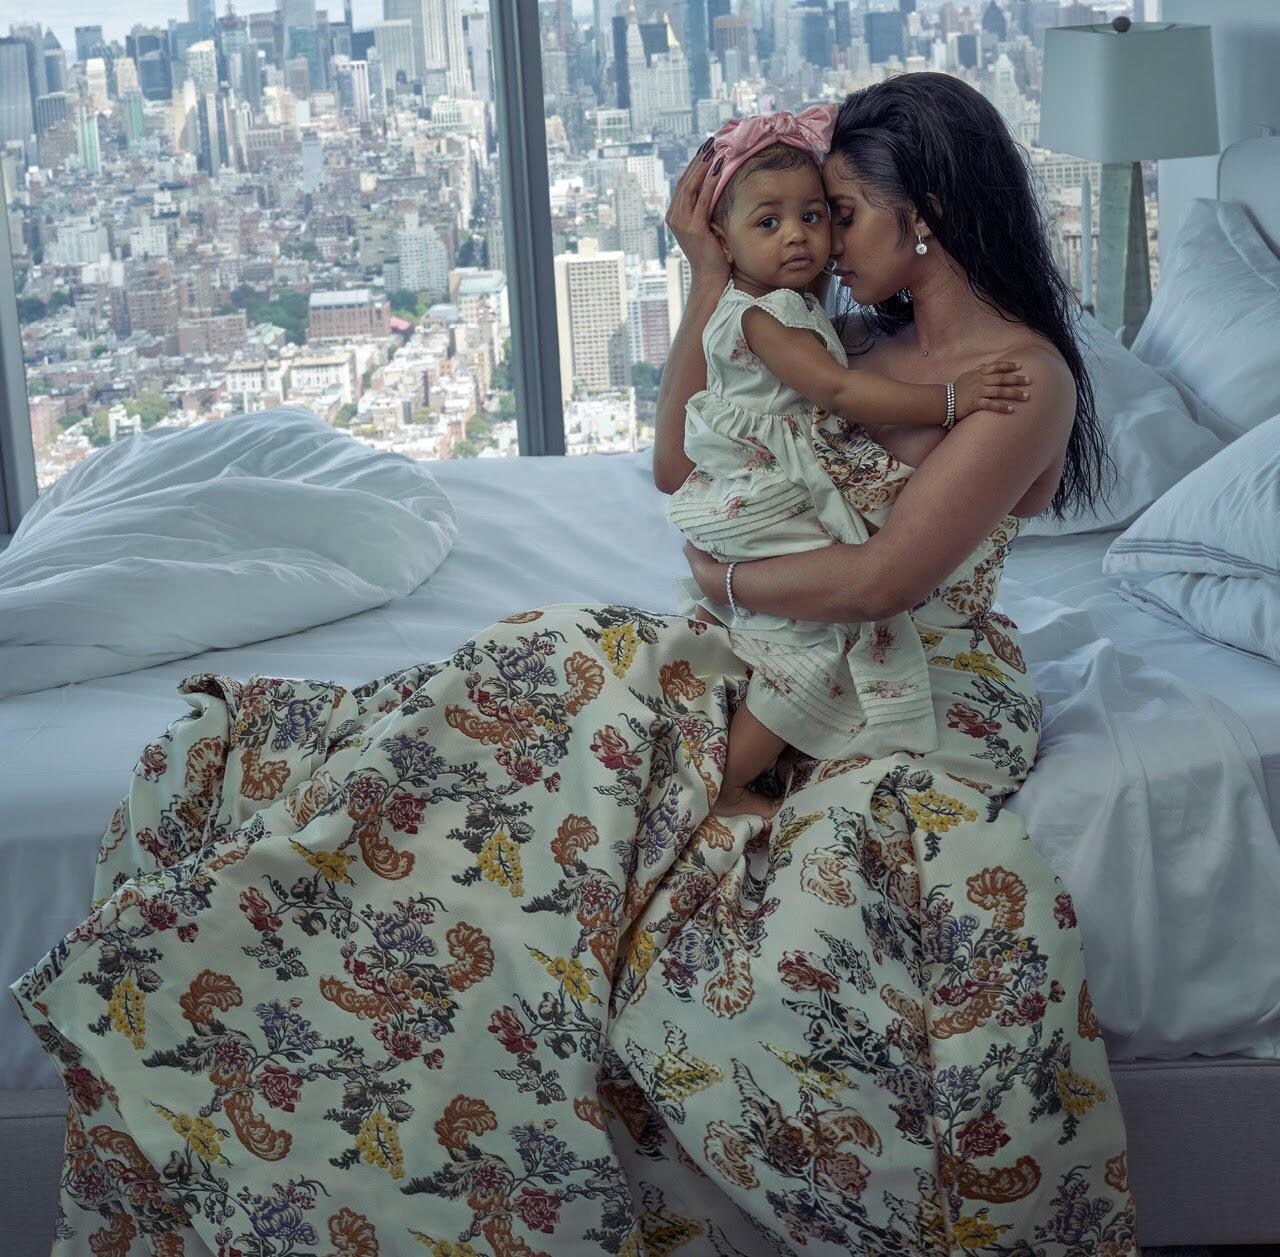 صورة مع ابنتها